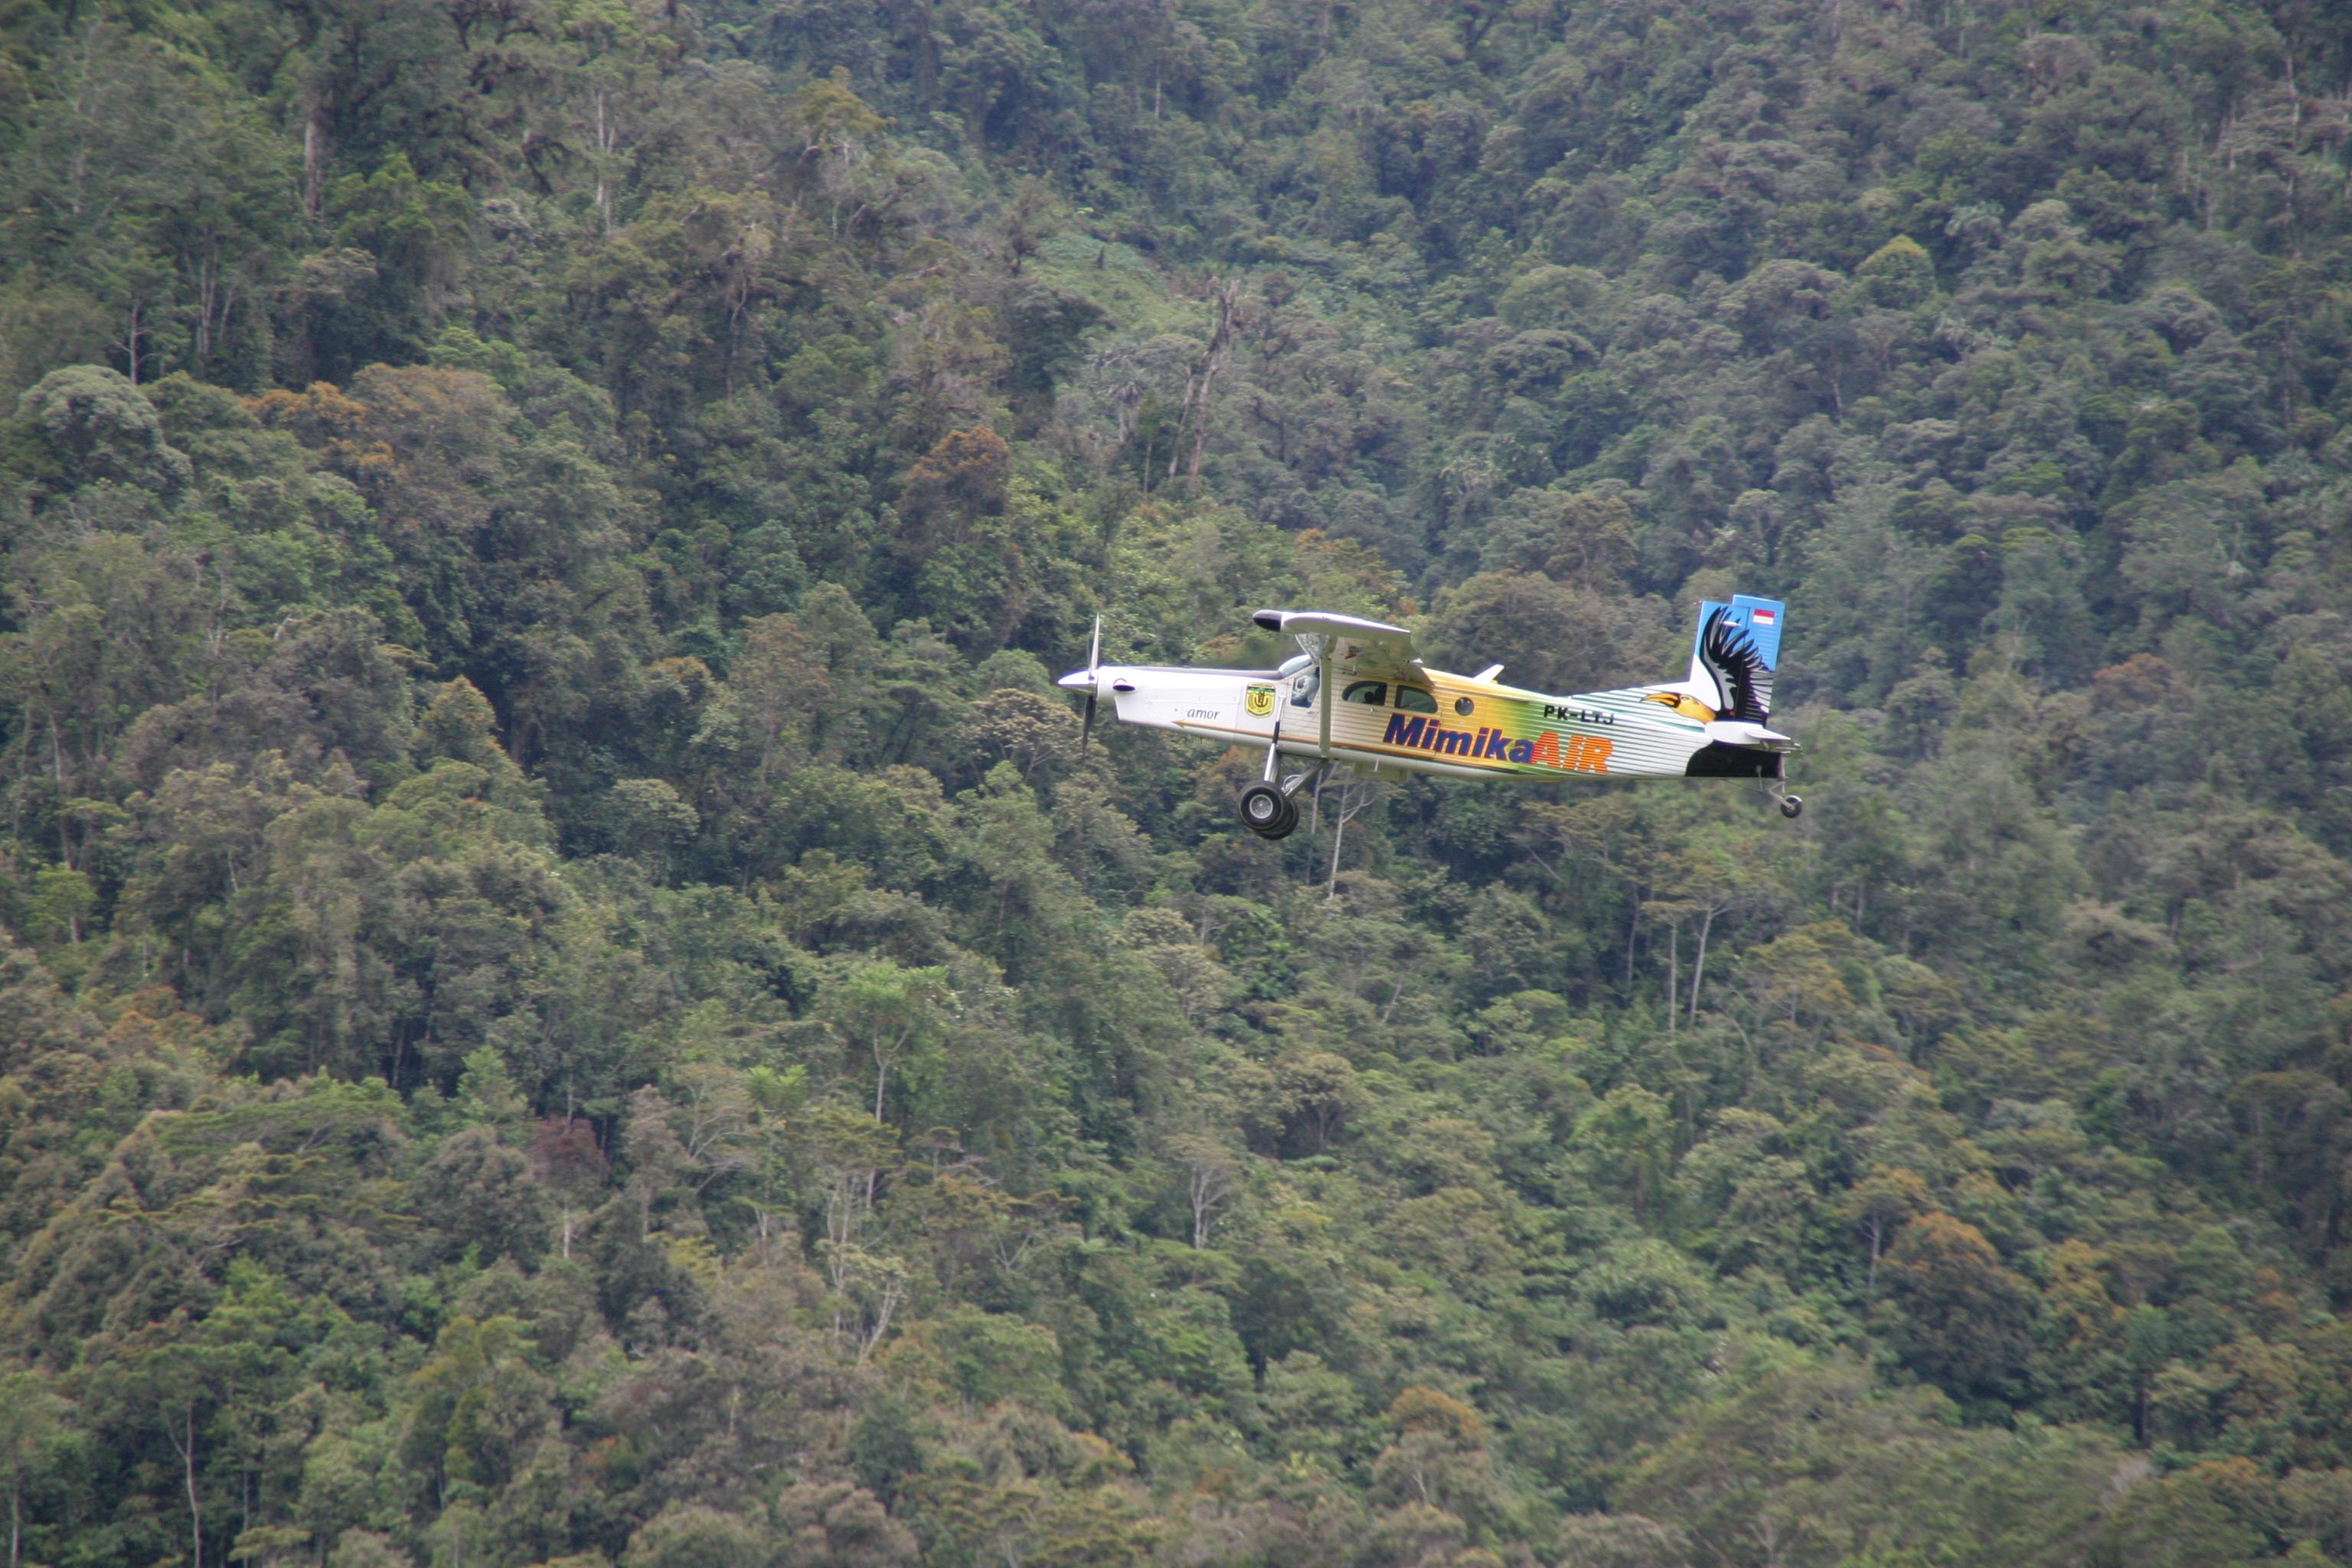 Pesawat Mimika Air